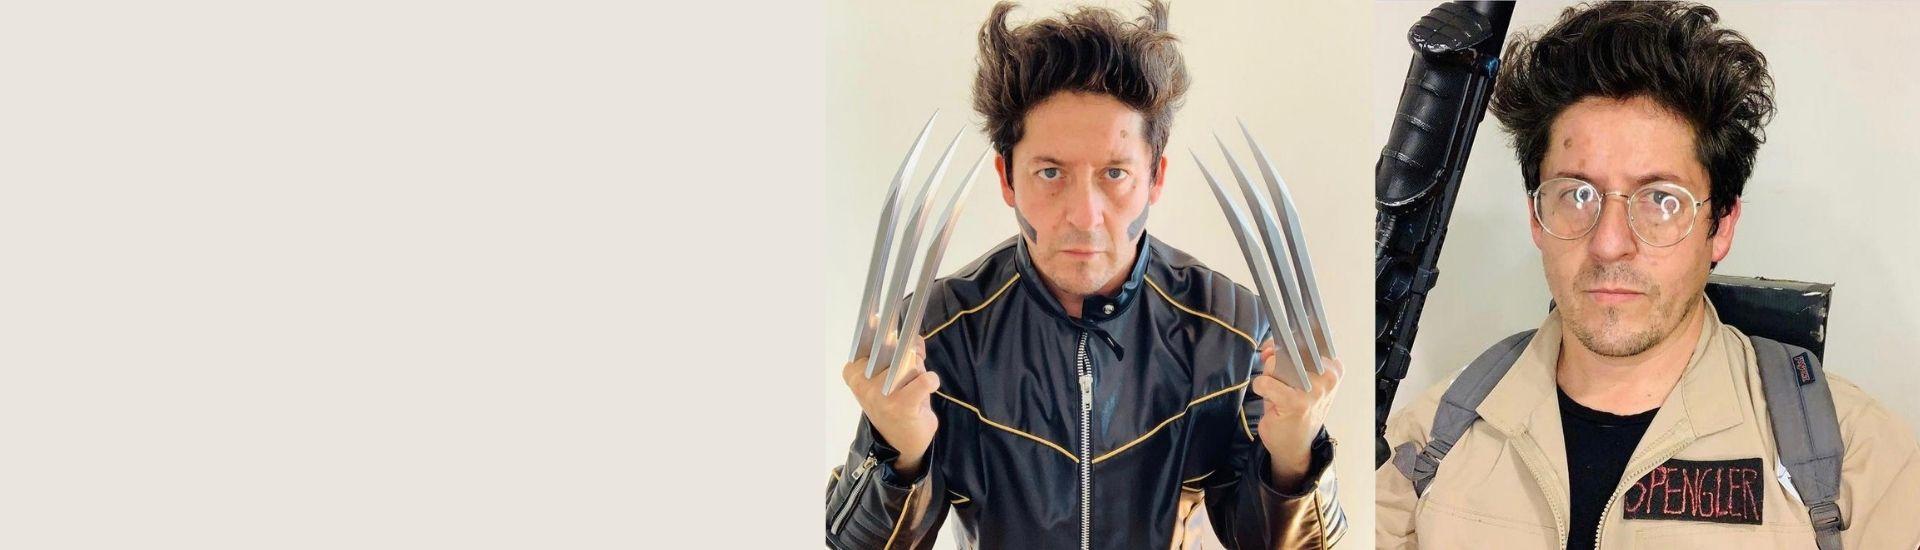 Interpretaciones del profesor Carlos con diferentes cosplay